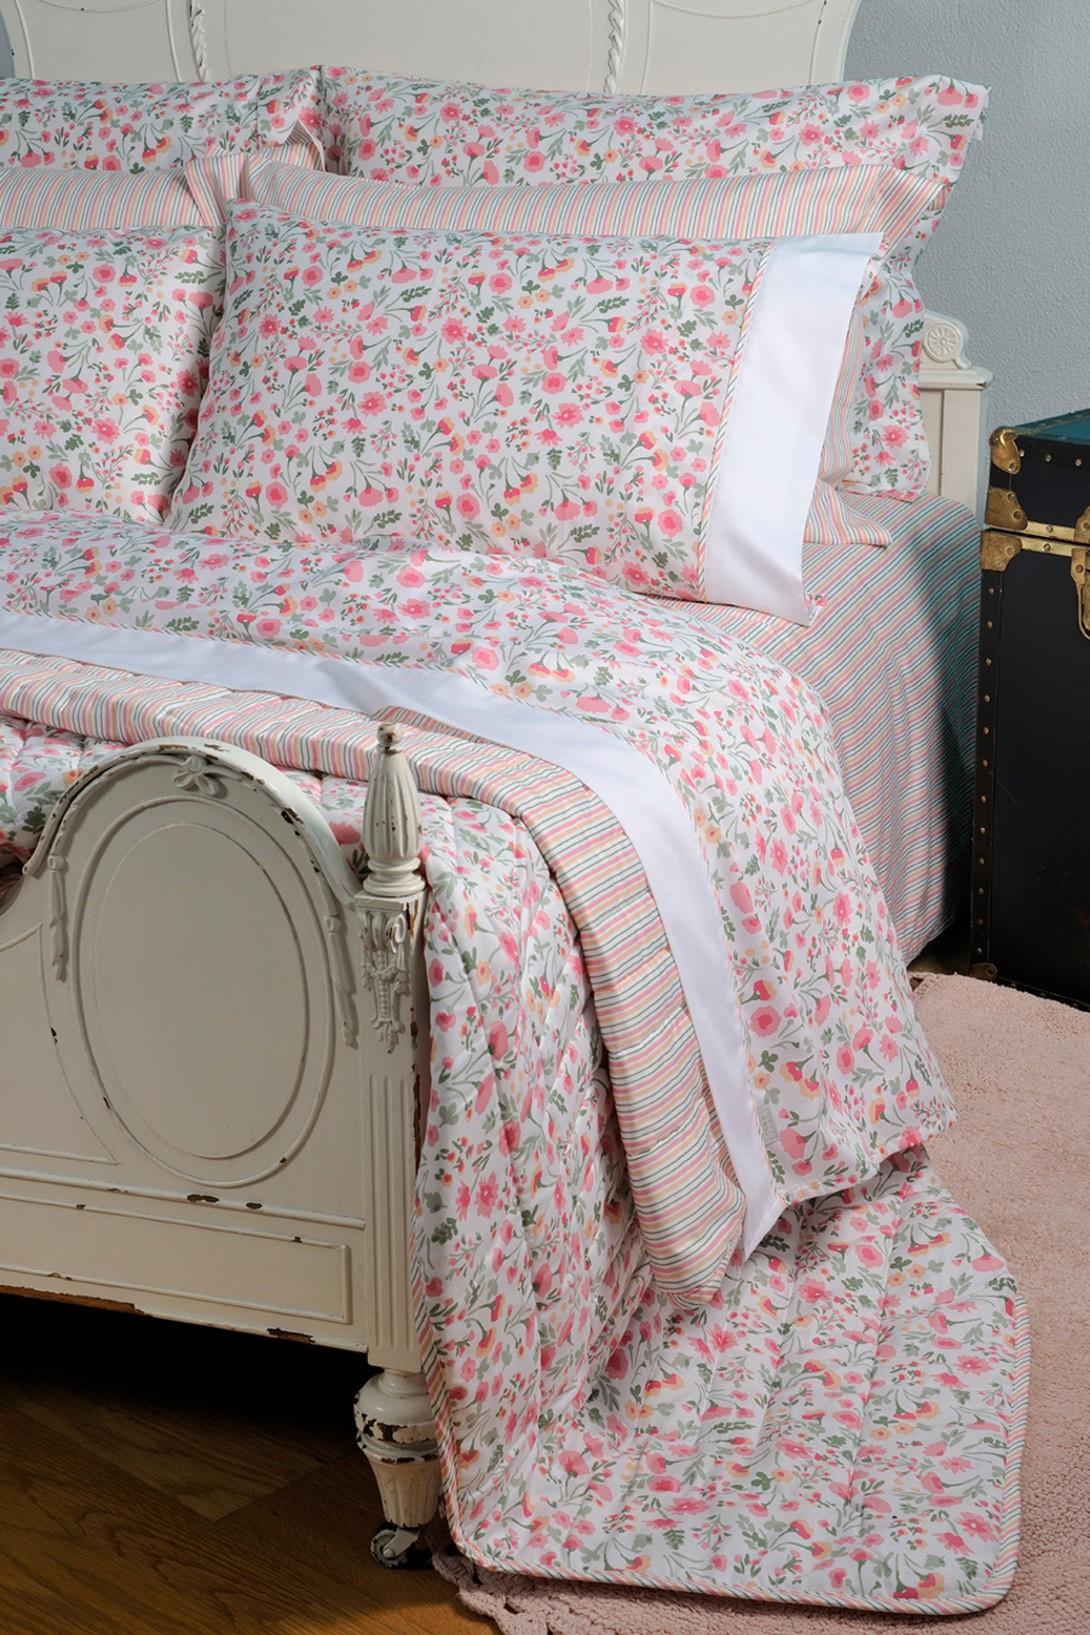 Σεντόνια Υπέρδιπλα (Σετ) Down Town Primo Charlotte S 603 home   κρεβατοκάμαρα   σεντόνια   σεντόνια υπέρδιπλα